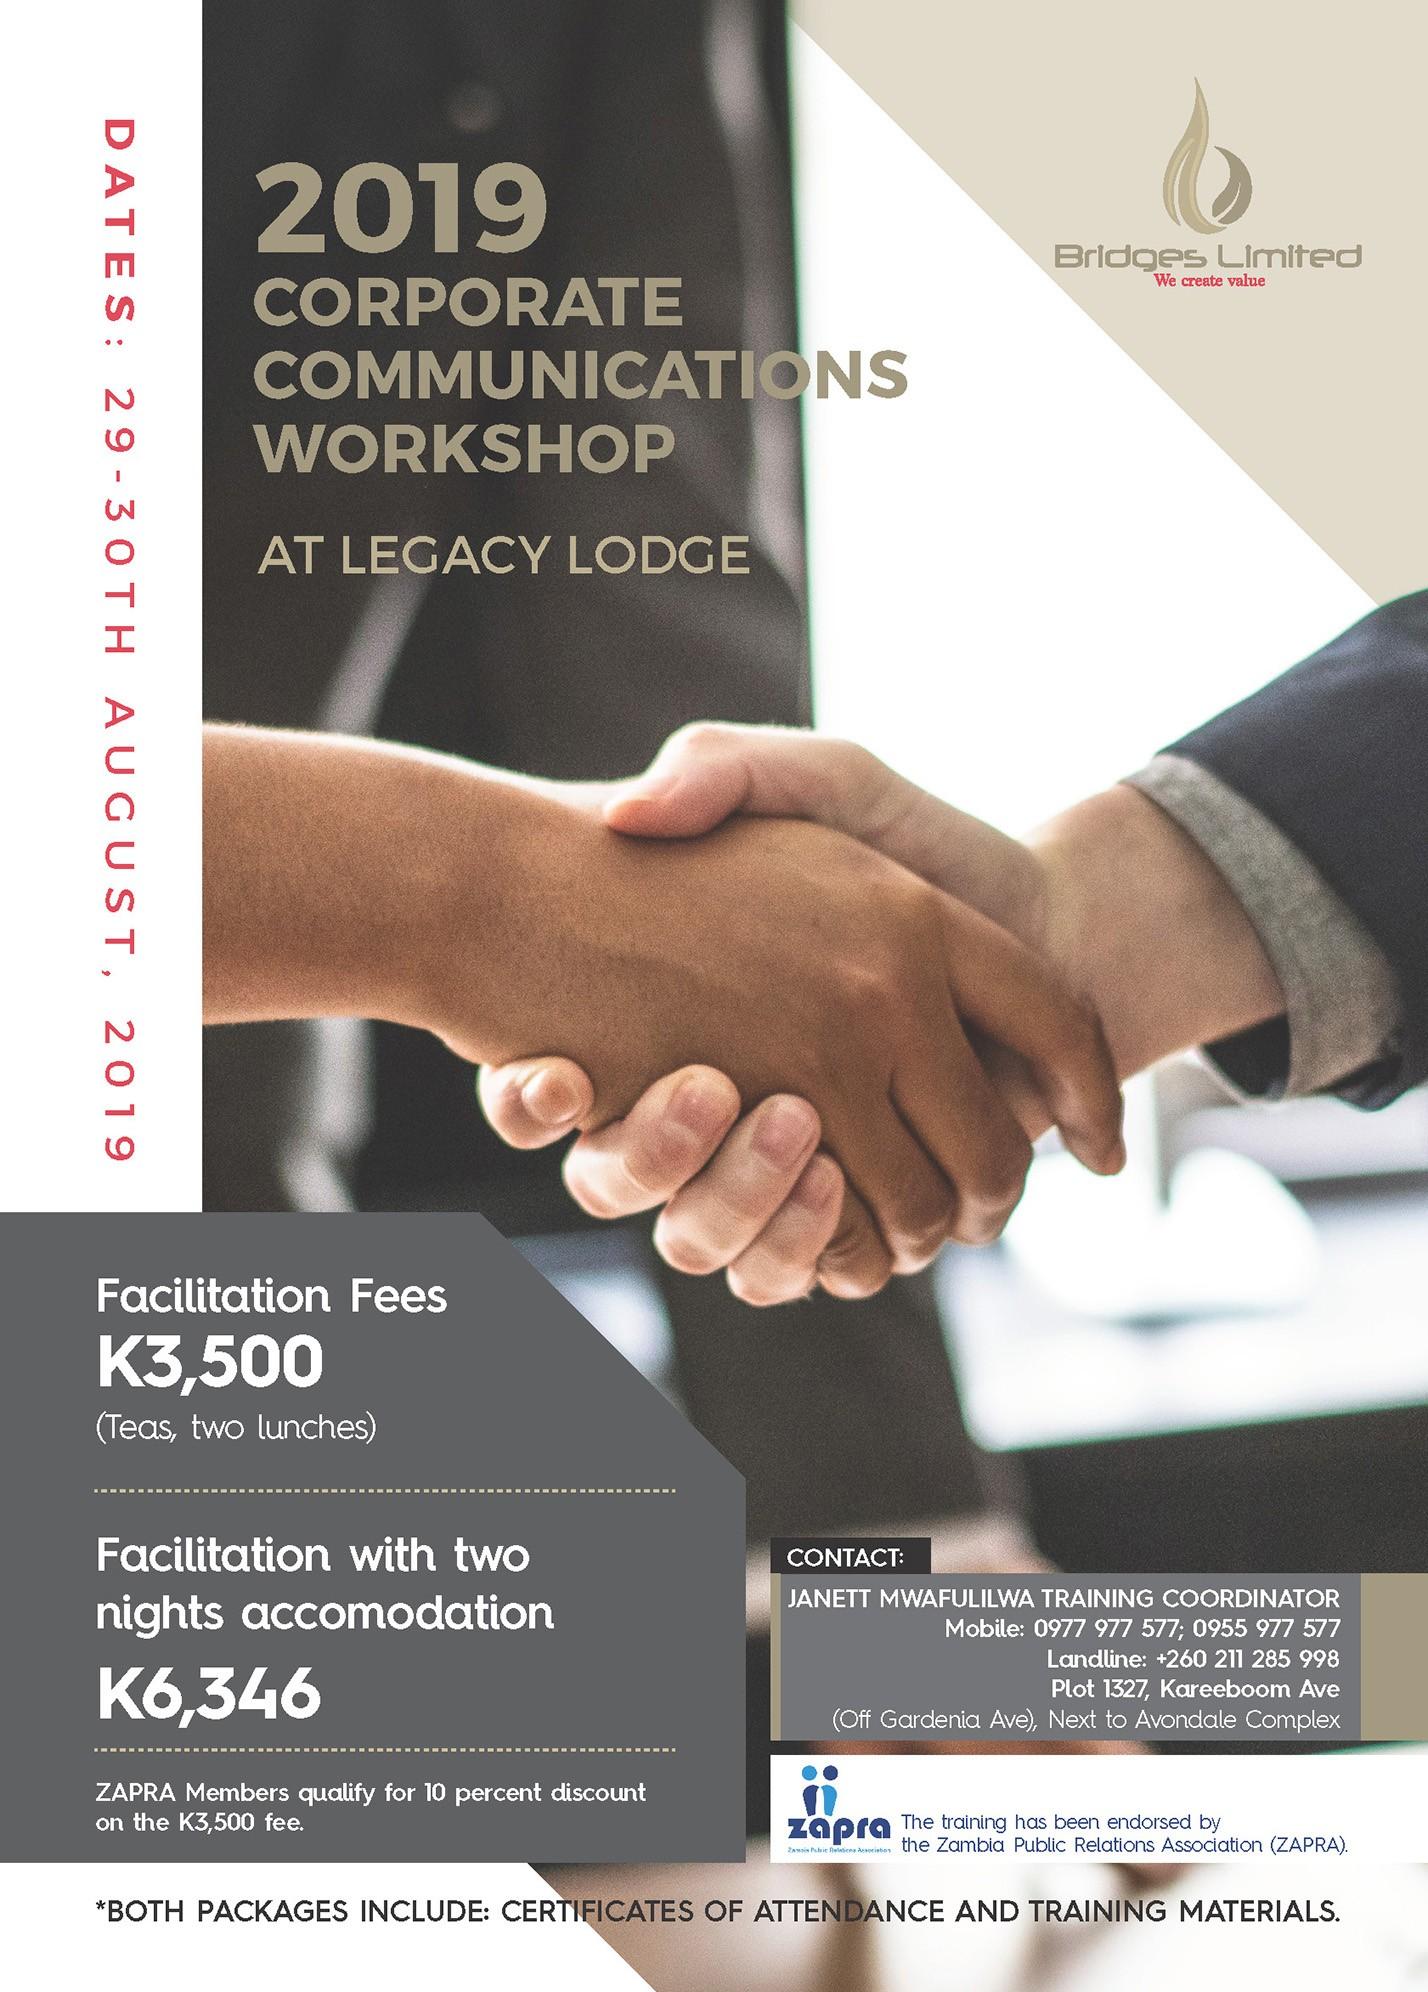 Bridges 2019 Corporate Communications Workshop